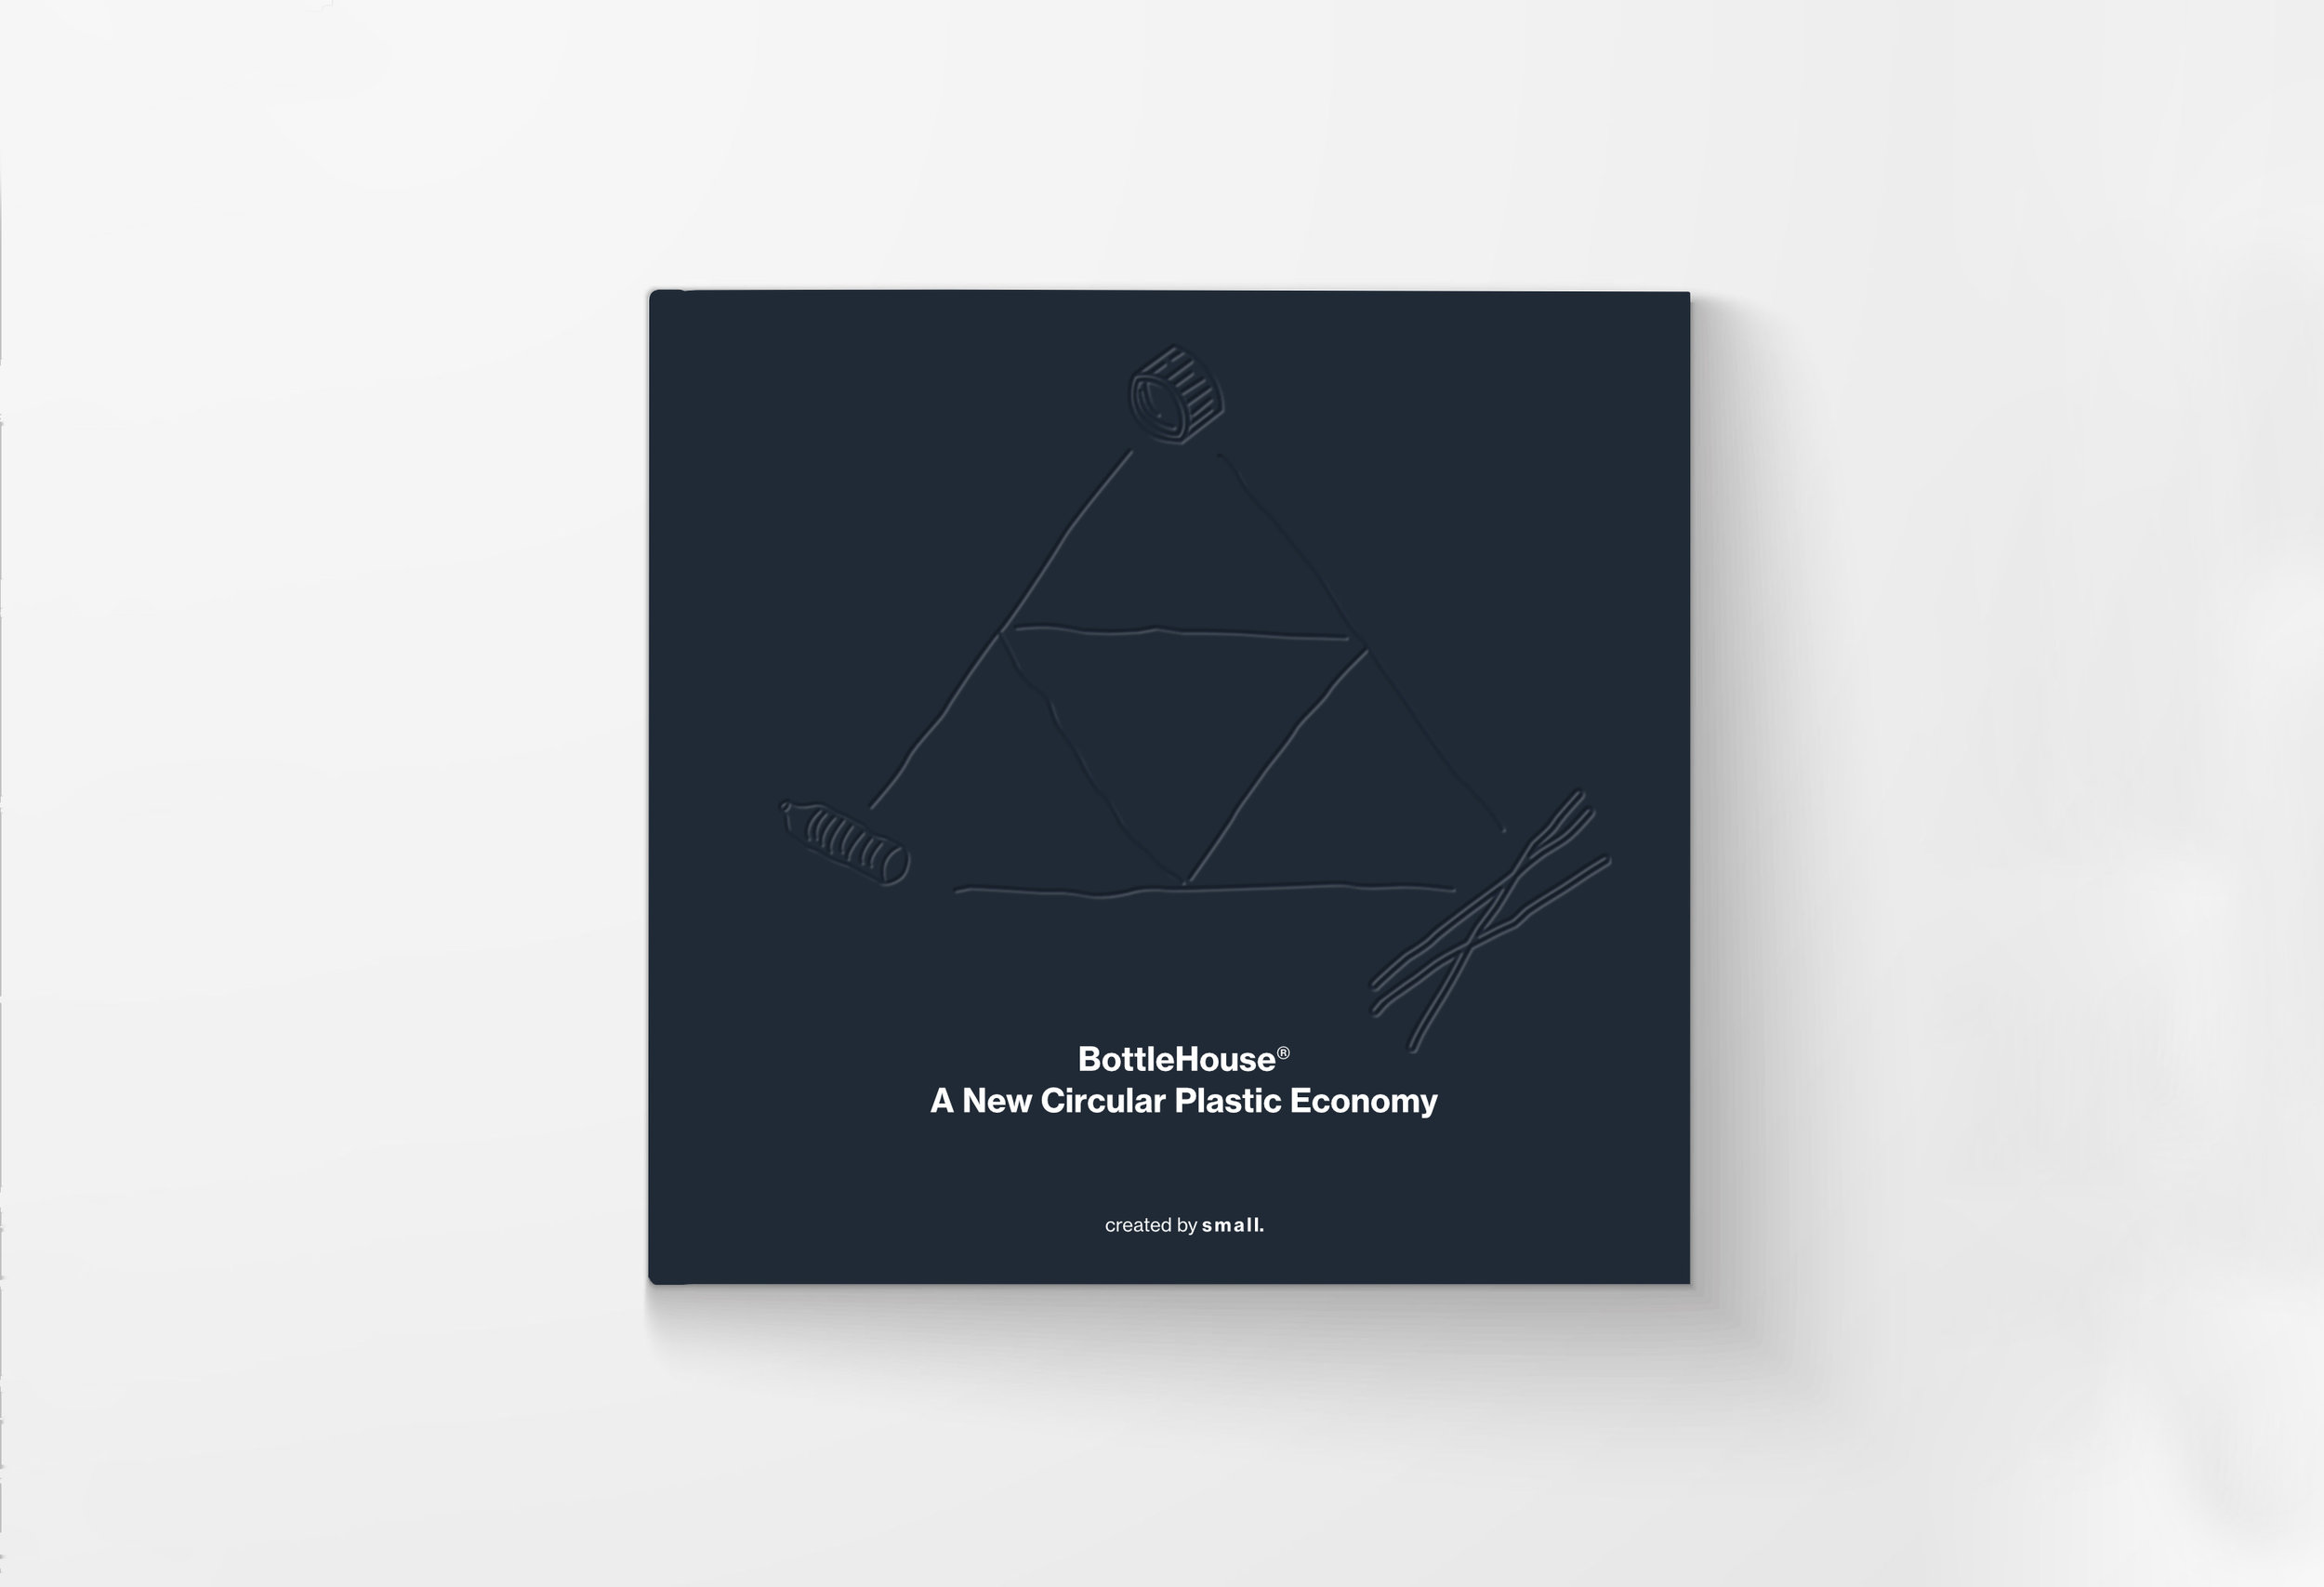 bottlehouse_book_cover.jpg